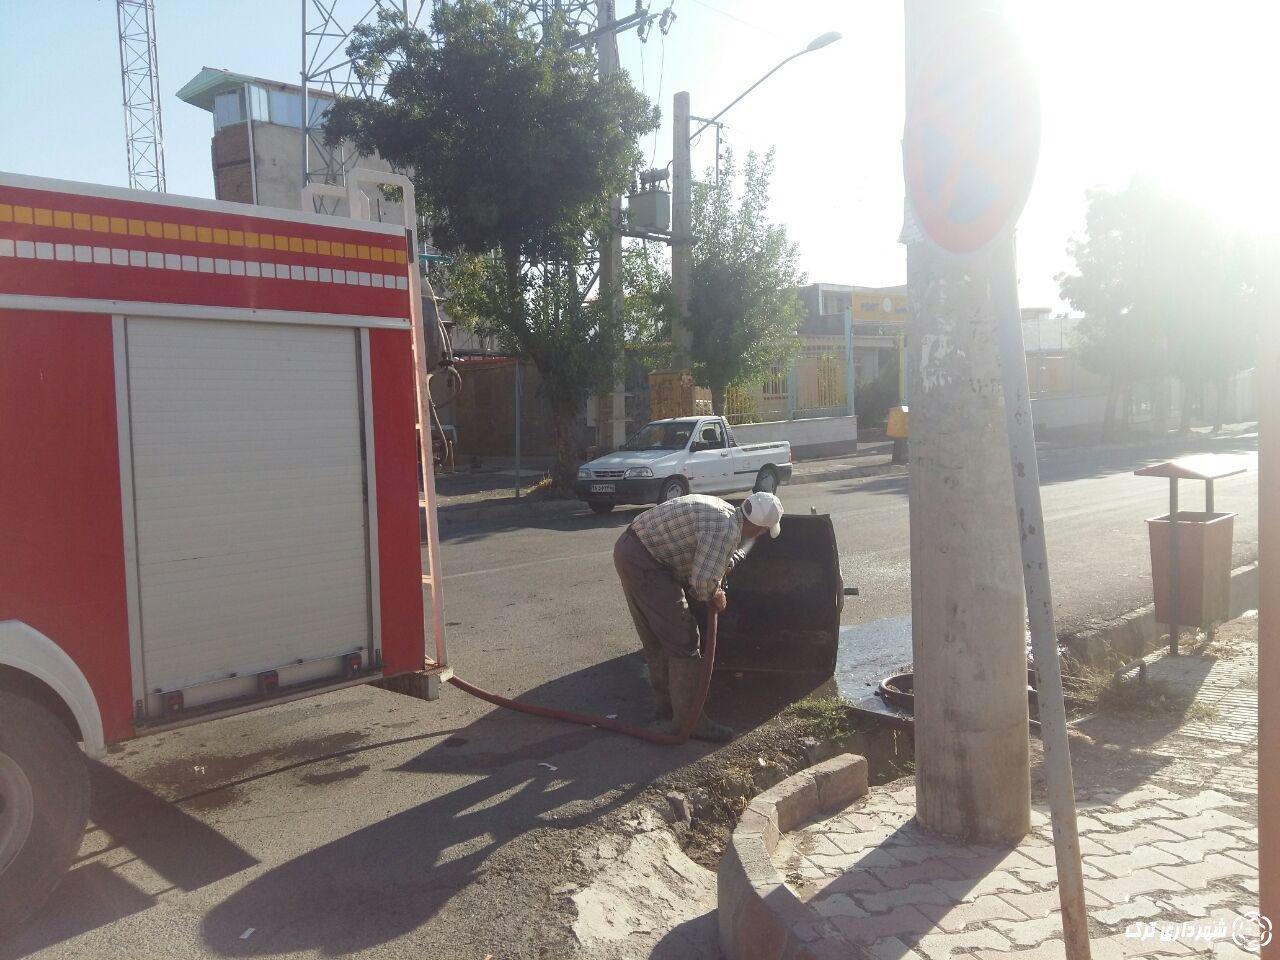 شستشوی سطل های زباله در سطح شهر توسط بخش خدمات شهری